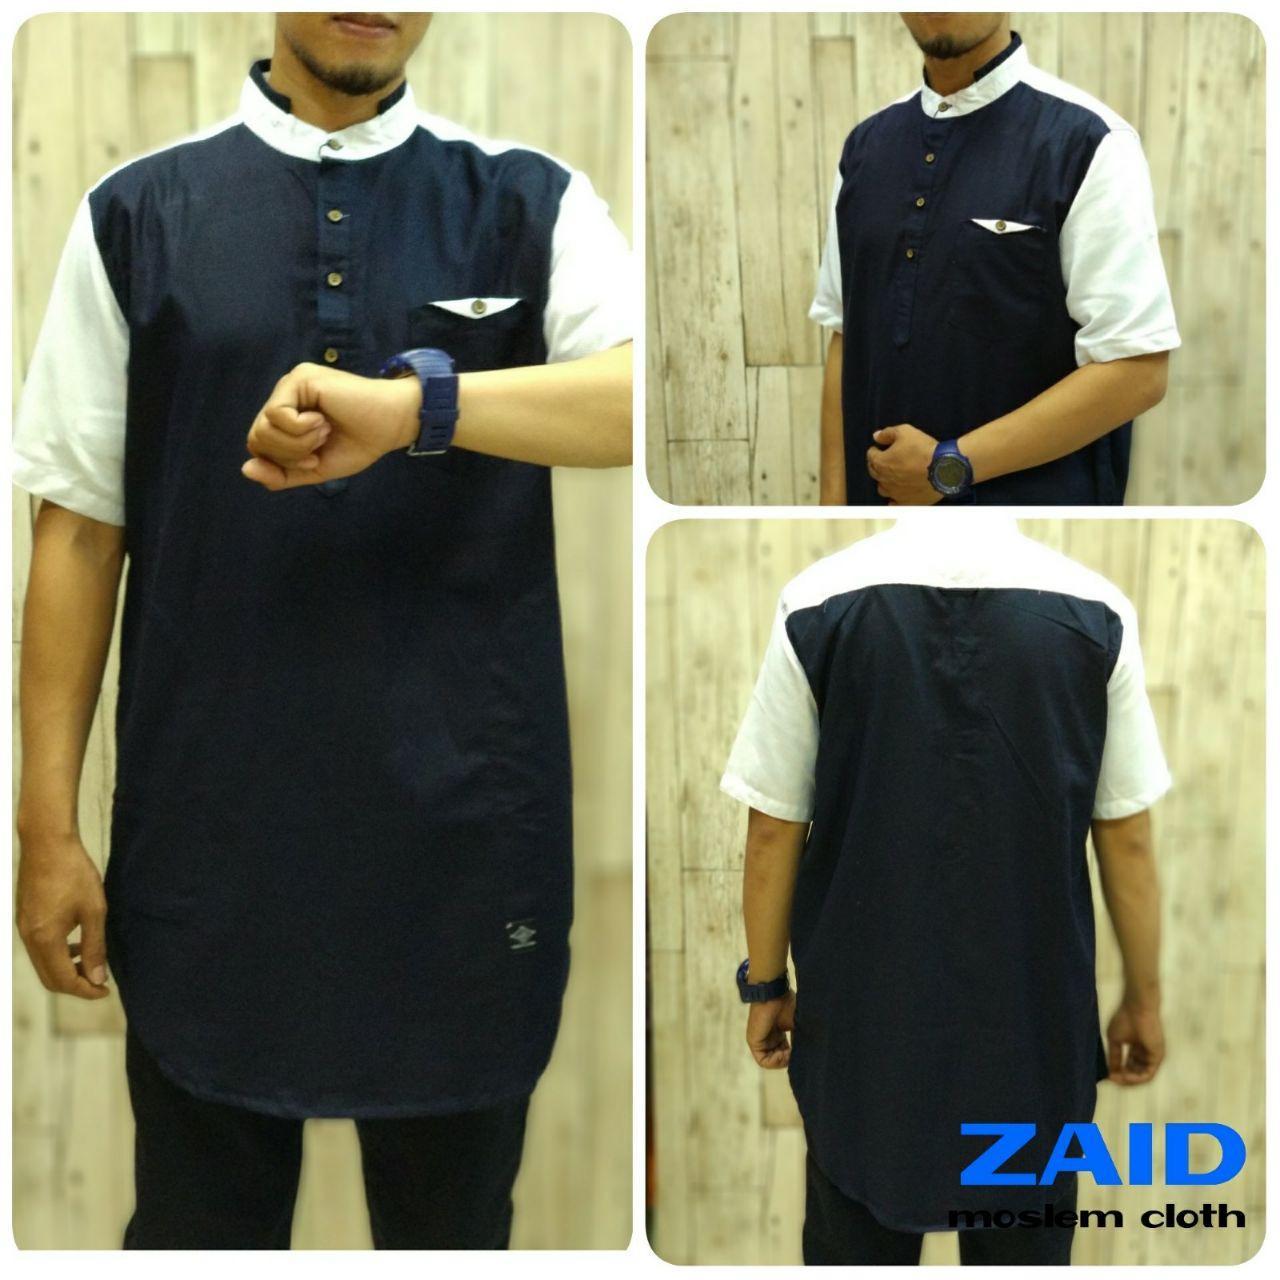 Pakaian Muslim Pria - Baju Gamis Pria - Kurta Pakistan Zaid 006